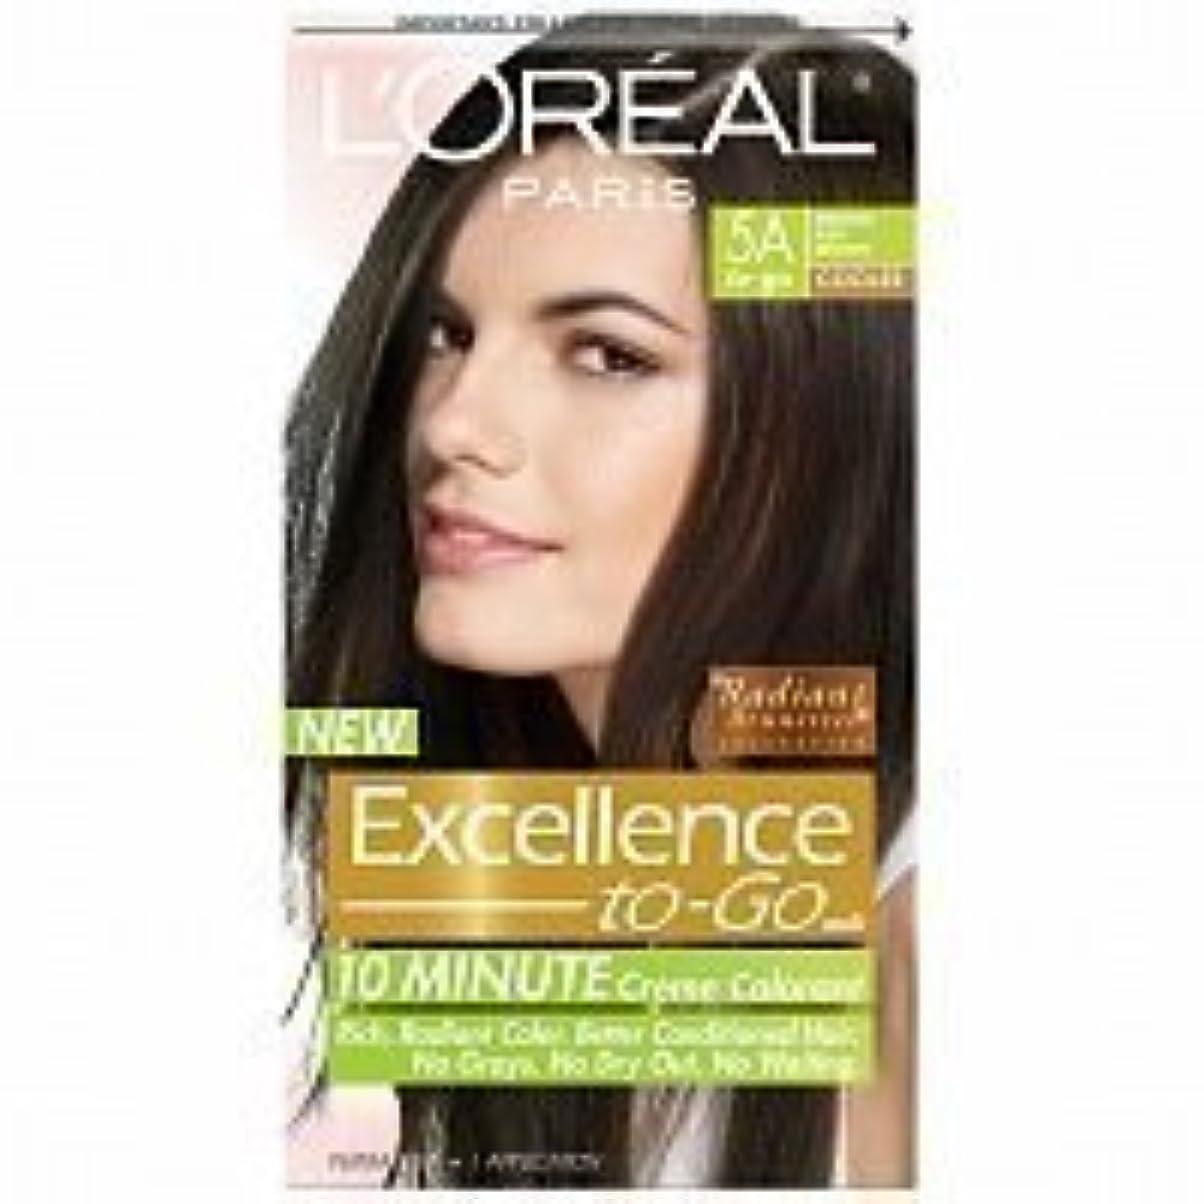 調子和プロテスタントL'Oreal Paris Excellence To-Go 10-Minute Cr?N?Nme Coloring, Medium Ash Brown 5A by L'Oreal Paris Hair Color [並行輸入品]